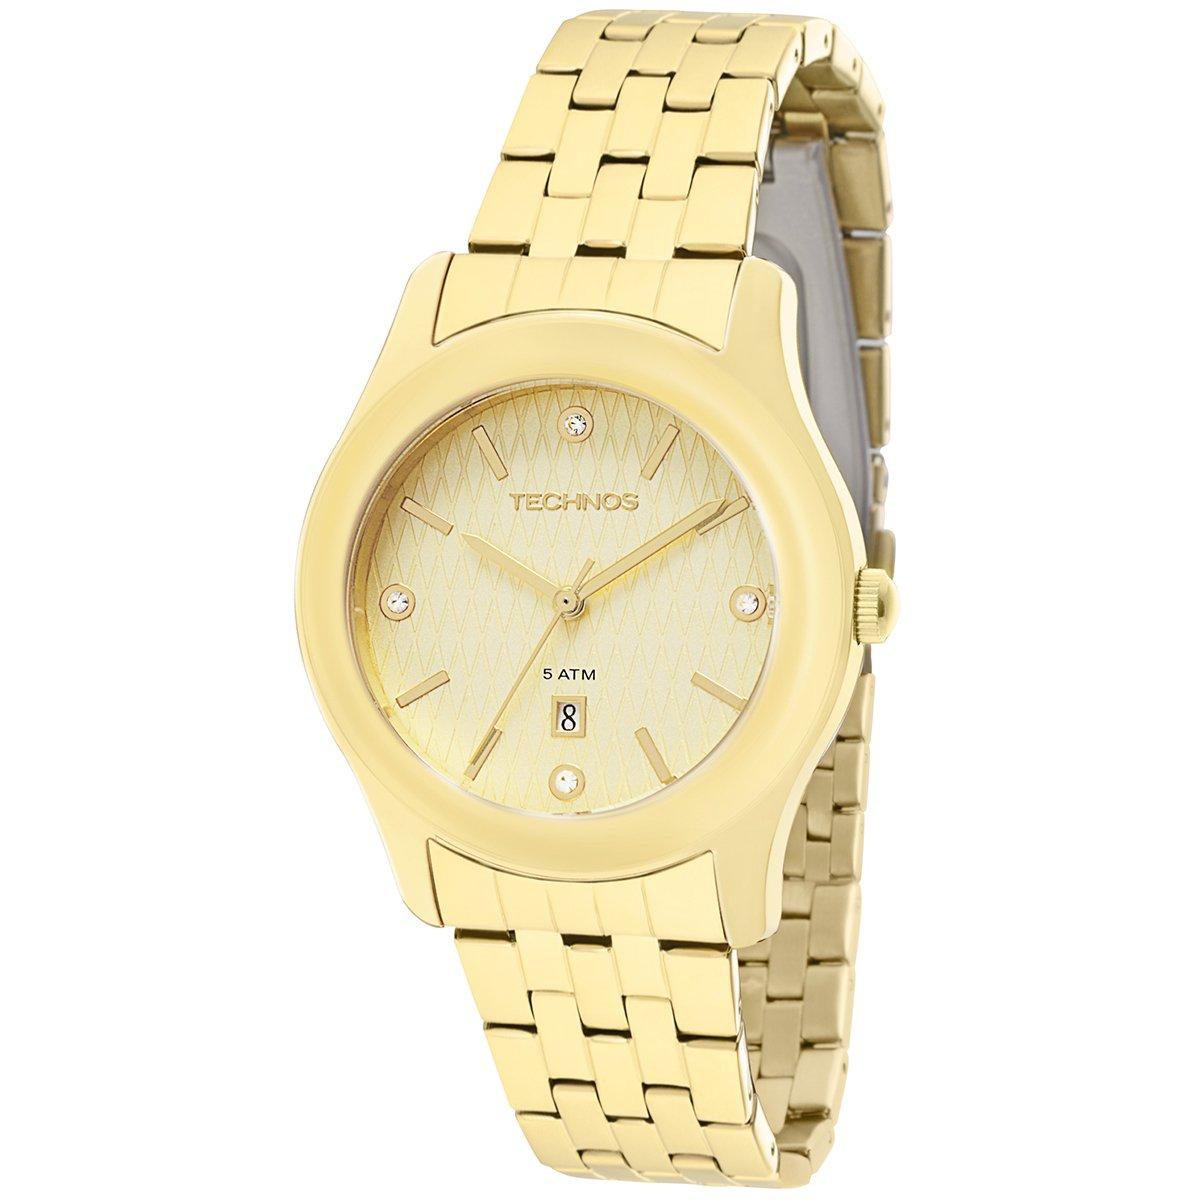 a0e18254391 Relógio Technos Elegance Ladies - Dourado - Compre Agora